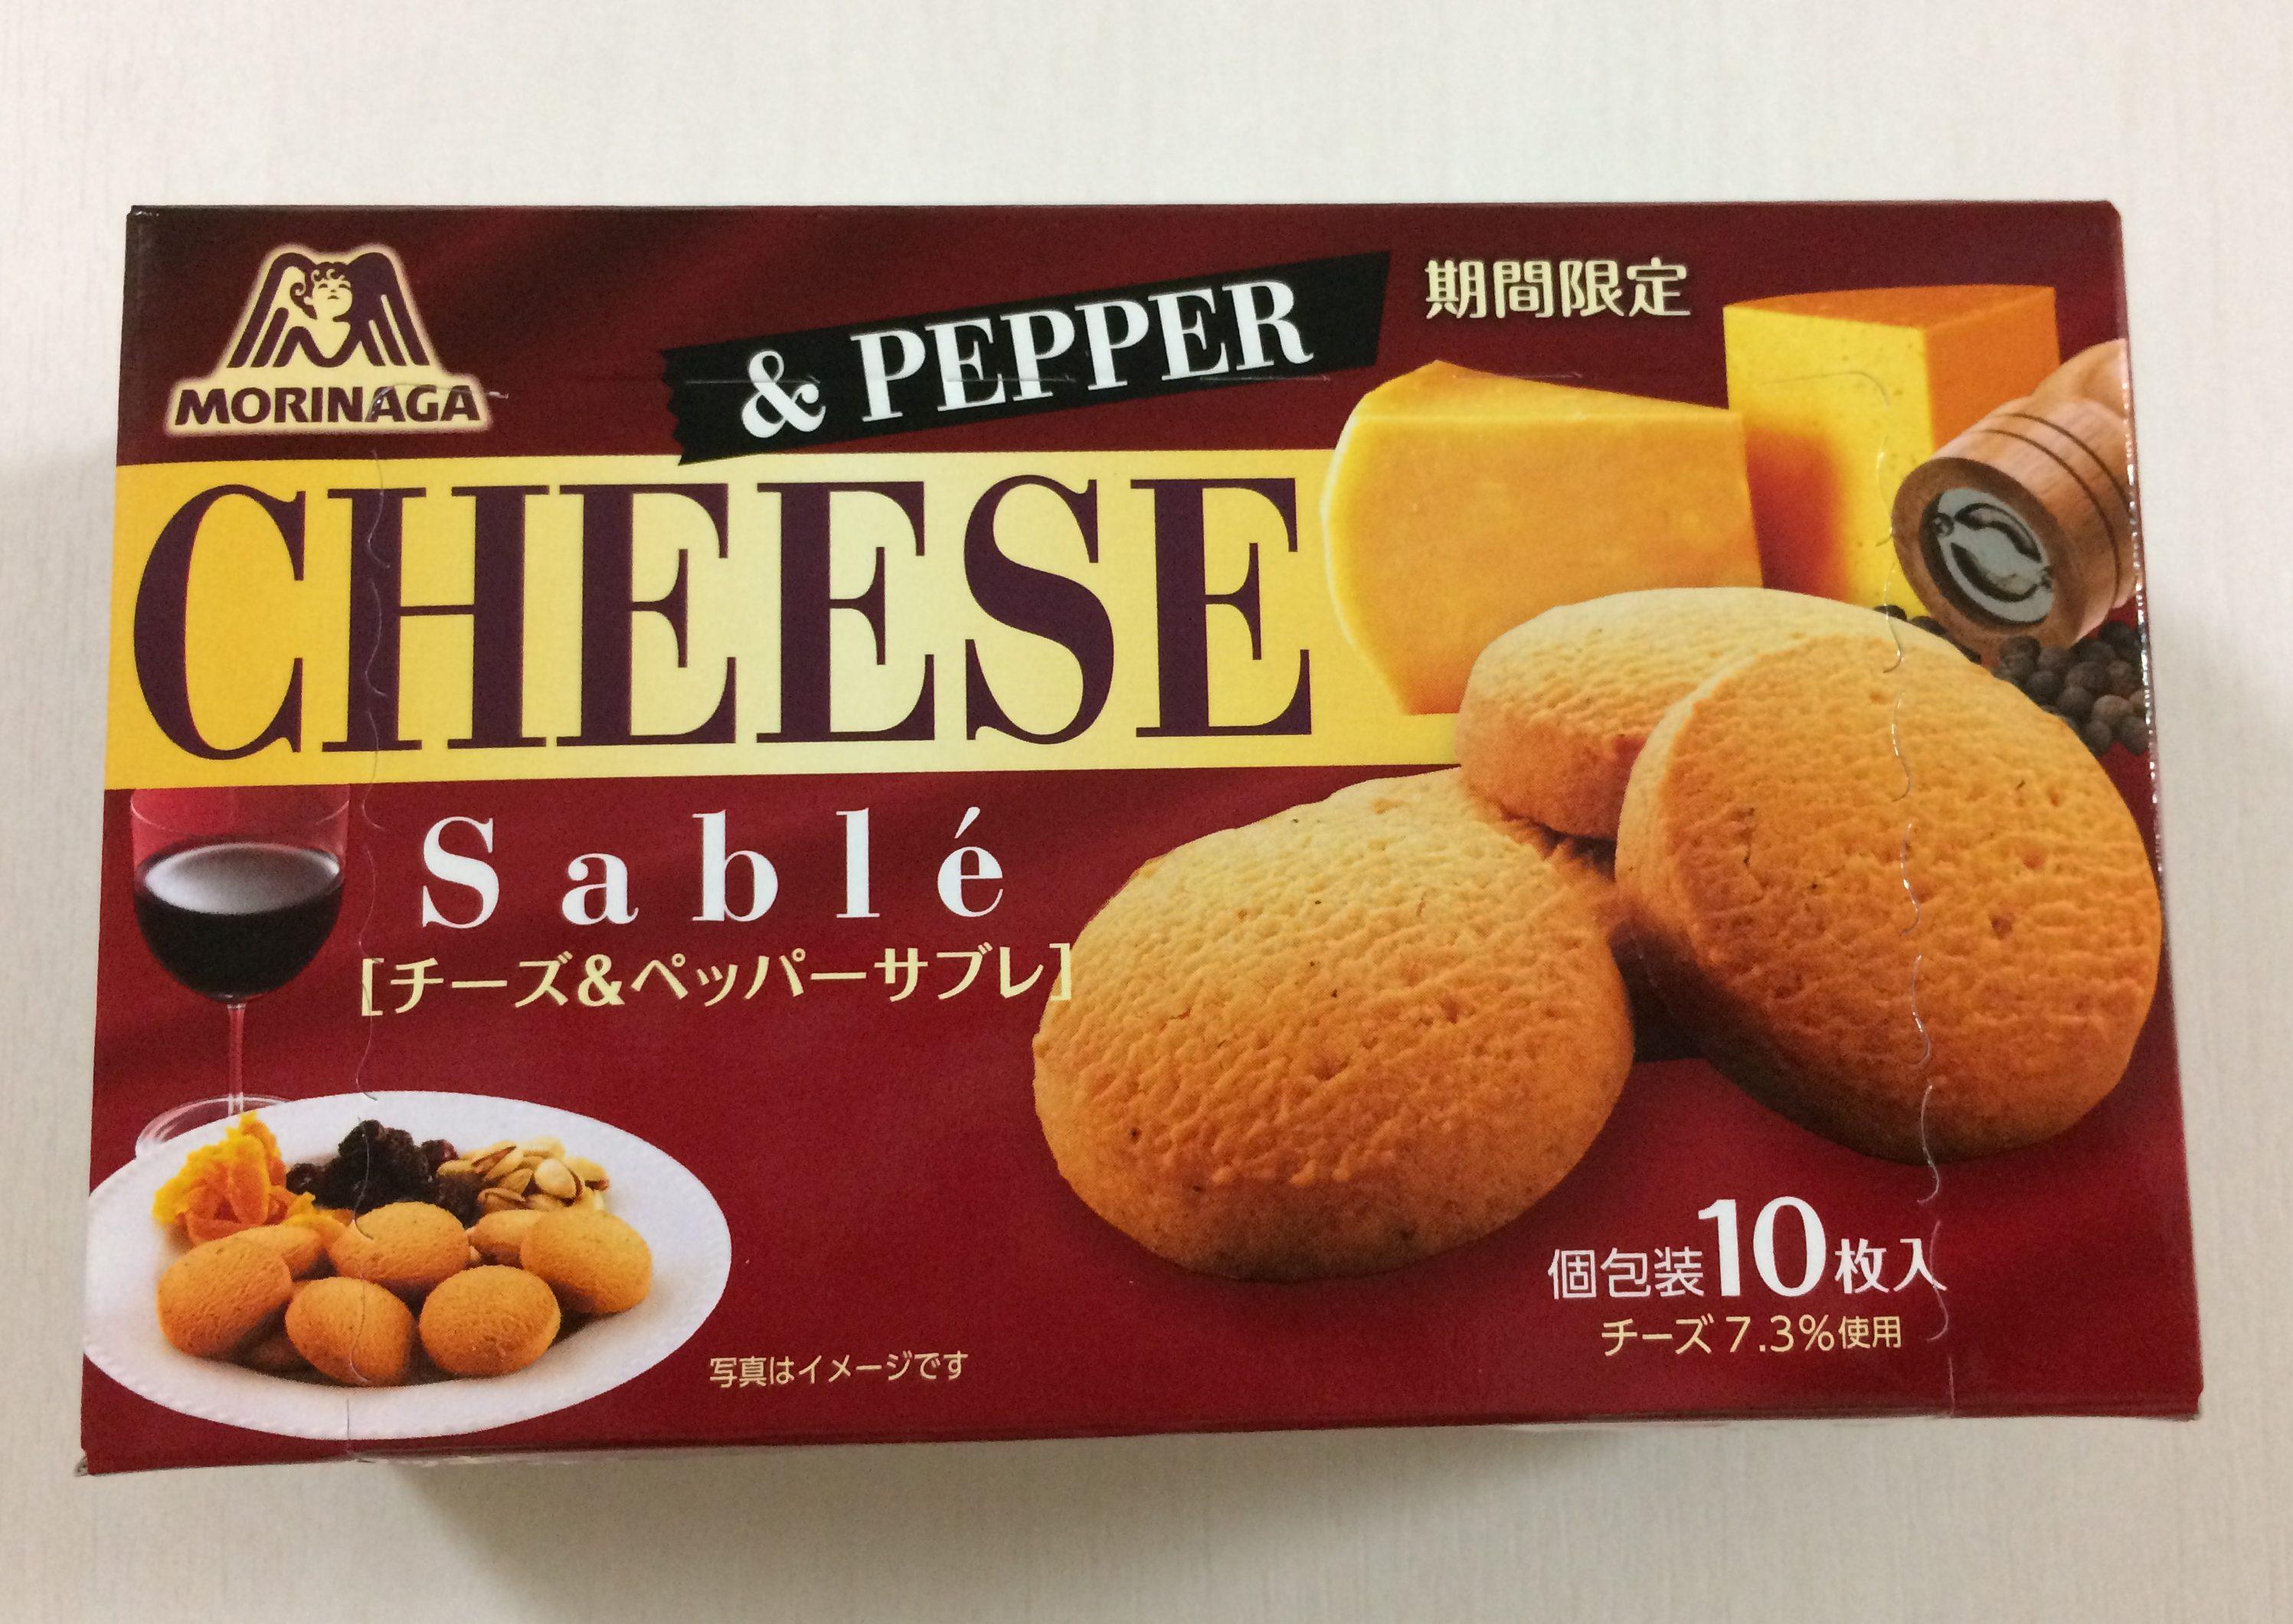 【森永製菓】チーズ&ペッパーサブレ 食べた感想